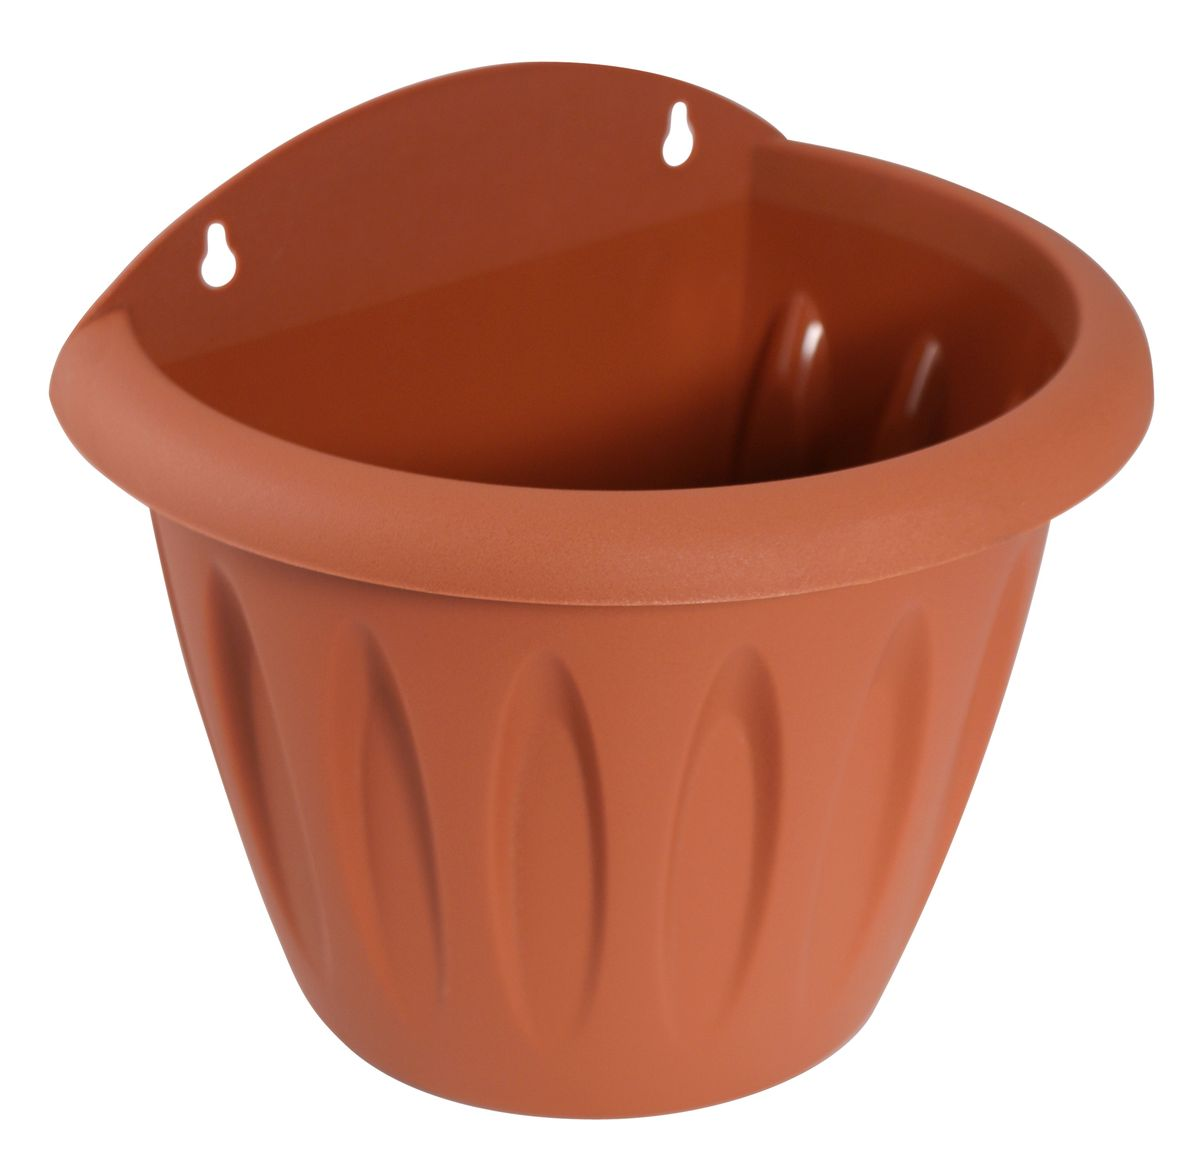 Кашпо настенное Martika Фелиция, цвет: терракотовый, 16 х 11,7 х 13,9 смMRC120TЛюбой, даже самый современный и продуманный интерьер будет не завершённым без растений. Они не только очищают воздух и насыщают его кислородом, но и заметно украшают окружающее пространство. Такому полезному &laquo члену семьи&raquoпросто необходимо красивое и функциональное кашпо, оригинальный горшок или необычная ваза! Мы предлагаем - Кашпо настенное d=16 см Фелиция, цвет терракот!Оптимальный выбор материала &mdash &nbsp пластмасса! Почему мы так считаем? Малый вес. С лёгкостью переносите горшки и кашпо с места на место, ставьте их на столики или полки, подвешивайте под потолок, не беспокоясь о нагрузке. Простота ухода. Пластиковые изделия не нуждаются в специальных условиях хранения. Их&nbsp легко чистить &mdashдостаточно просто сполоснуть тёплой водой. Никаких царапин. Пластиковые кашпо не царапают и не загрязняют поверхности, на которых стоят. Пластик дольше хранит влагу, а значит &mdashрастение реже нуждается в поливе. Пластмасса не пропускает воздух &mdashкорневой системе растения не грозят резкие перепады температур. Огромный выбор форм, декора и расцветок &mdashвы без труда подберёте что-то, что идеально впишется в уже существующий интерьер.Соблюдая нехитрые правила ухода, вы можете заметно продлить срок службы горшков, вазонов и кашпо из пластика: всегда учитывайте размер кроны и корневой системы растения (при разрастании большое растение способно повредить маленький горшок)берегите изделие от воздействия прямых солнечных лучей, чтобы кашпо и горшки не выцветалидержите кашпо и горшки из пластика подальше от нагревающихся поверхностей.Создавайте прекрасные цветочные композиции, выращивайте рассаду или необычные растения, а низкие цены позволят вам не ограничивать себя в выборе.